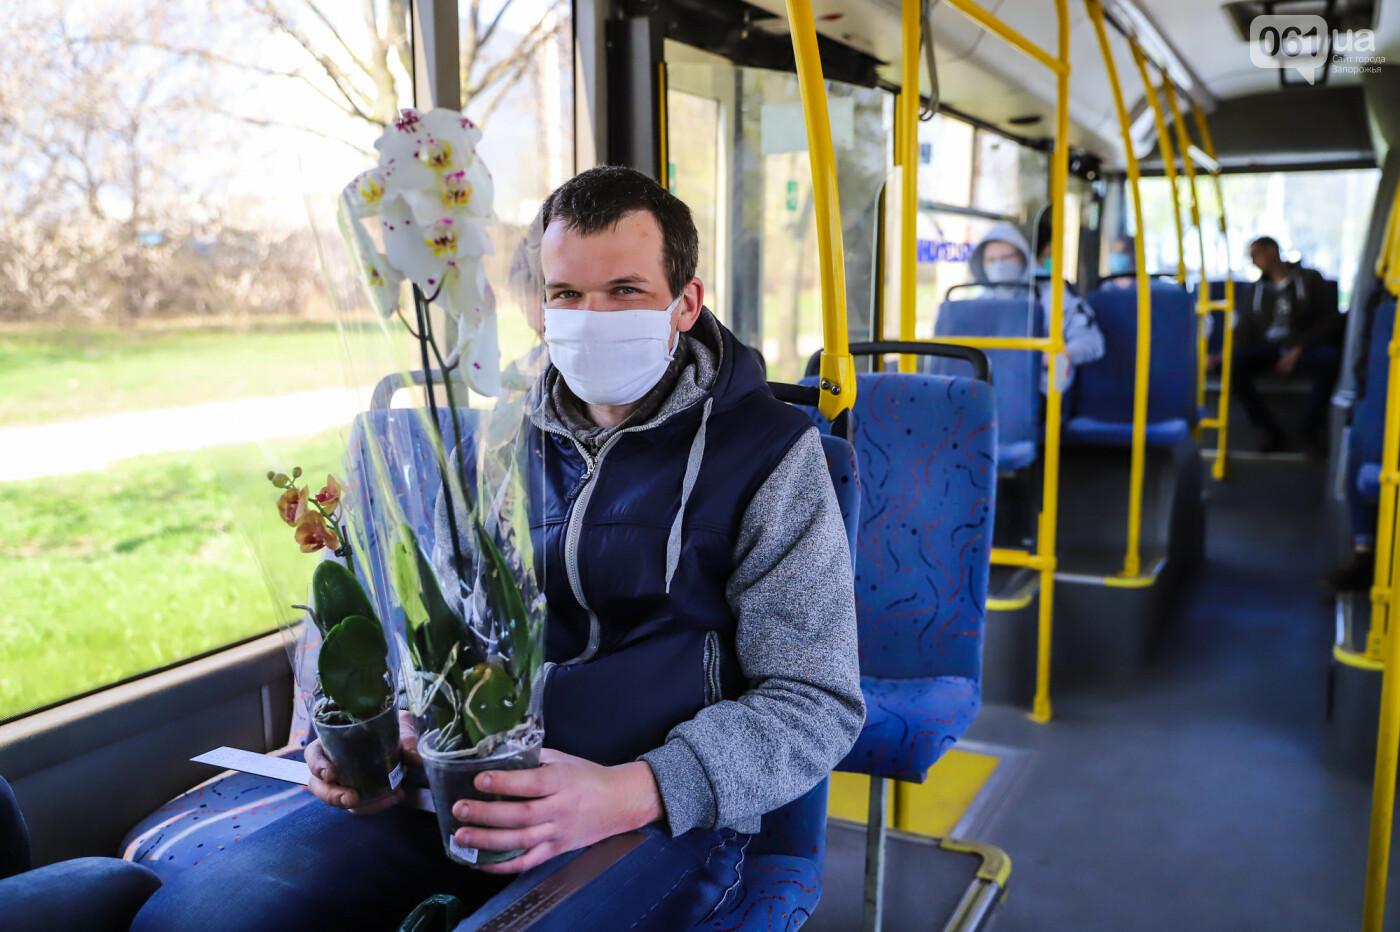 Вход только в масках: как выглядит Запорожье на карантине, - ФОТОРЕПОРТАЖ, фото-21